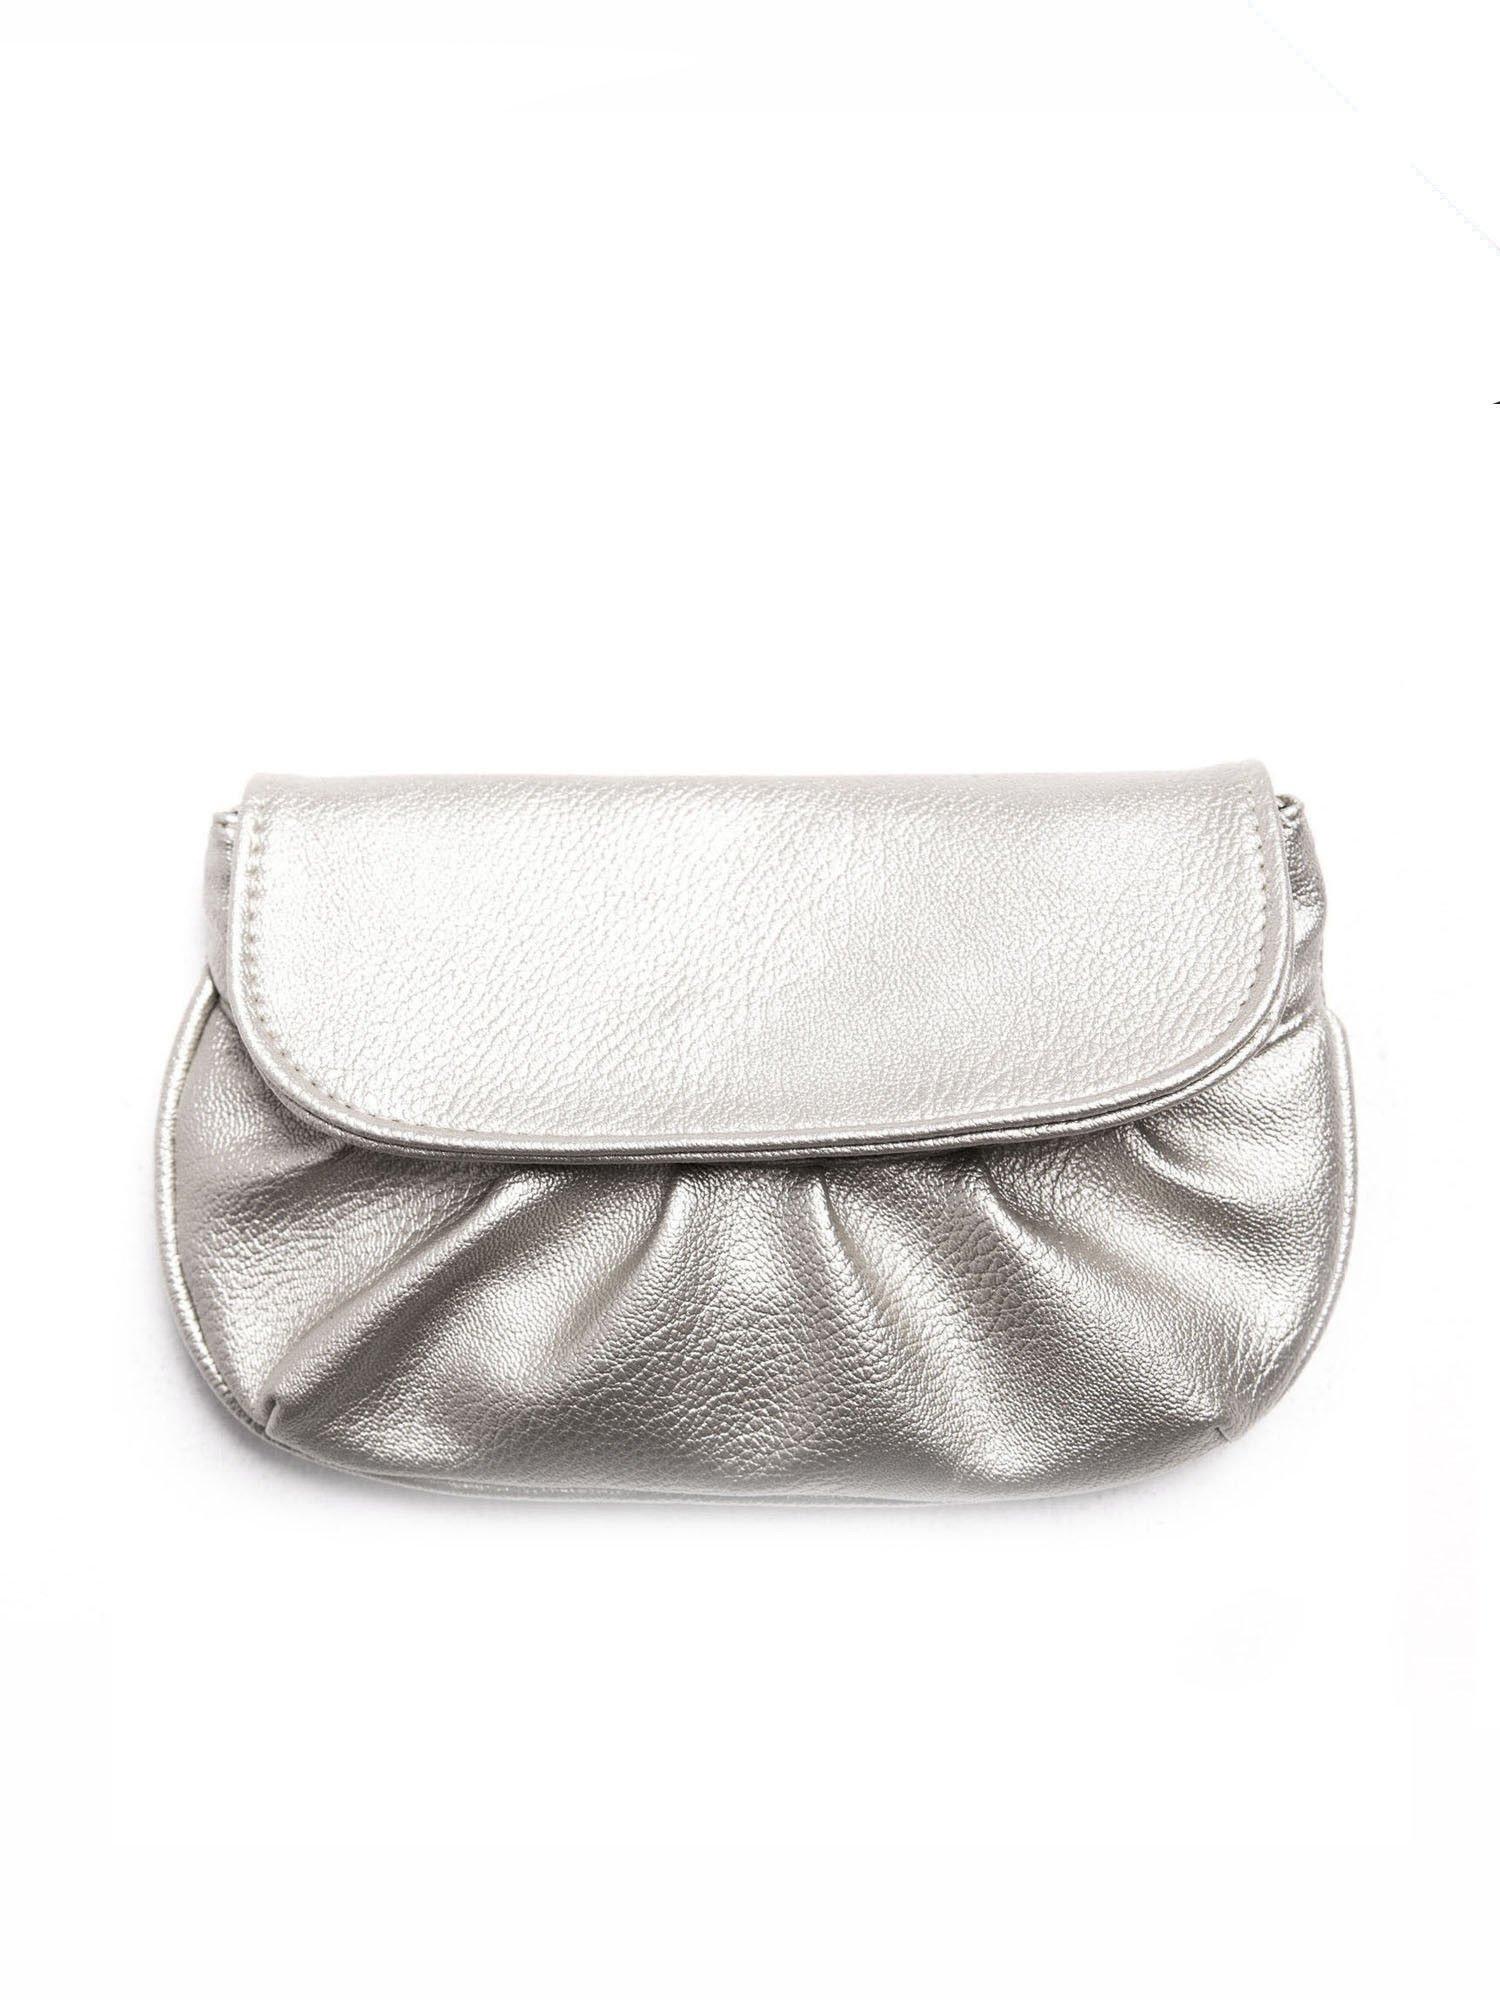 Srebrna mini torebka kopertówka z paskiem                                  zdj.                                  1